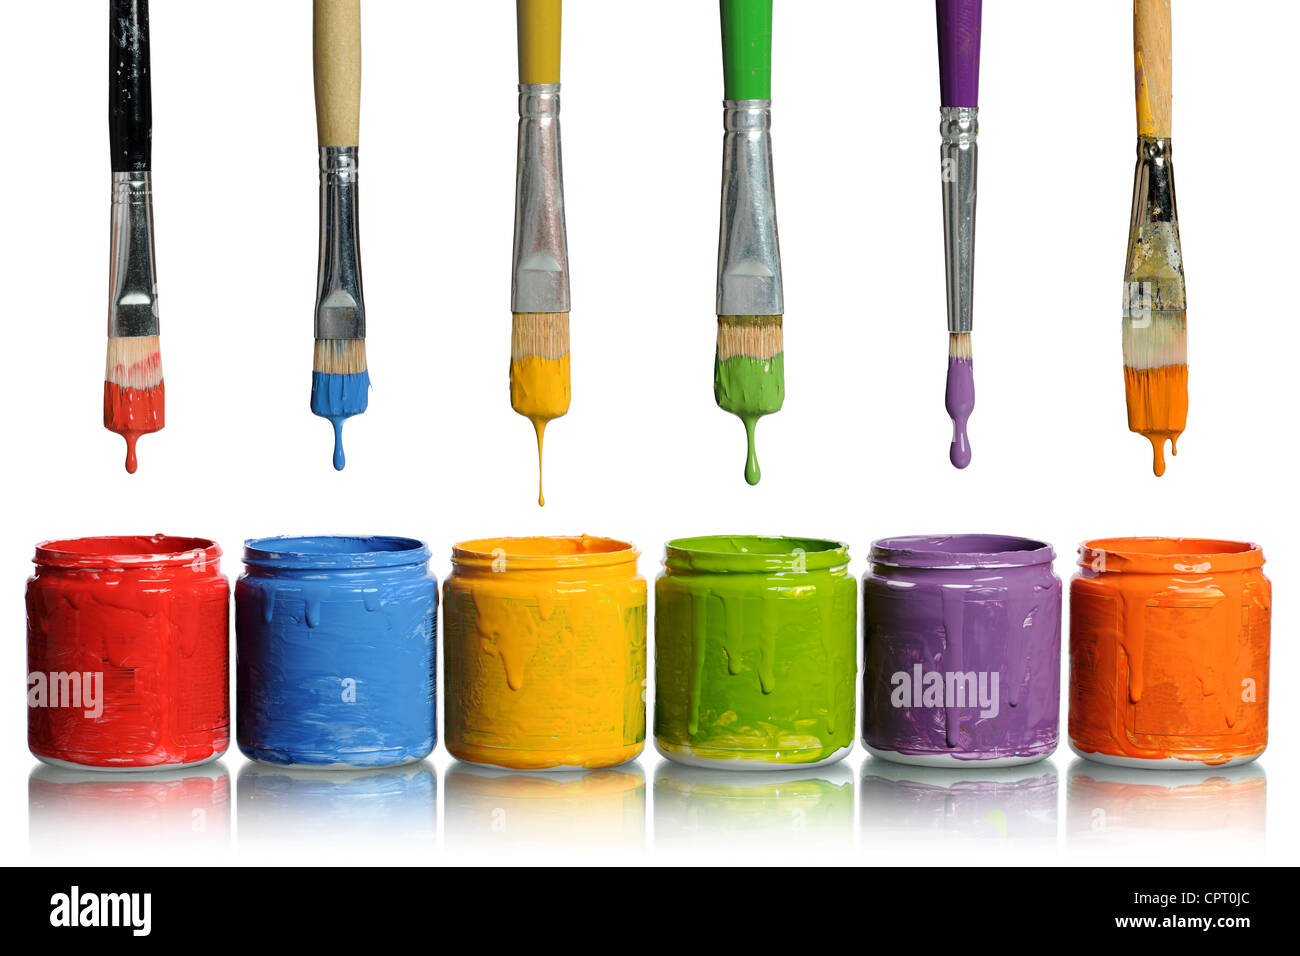 Pinsel Farbe in verschiedenen Farben in Behälter Tropfen Stockfoto